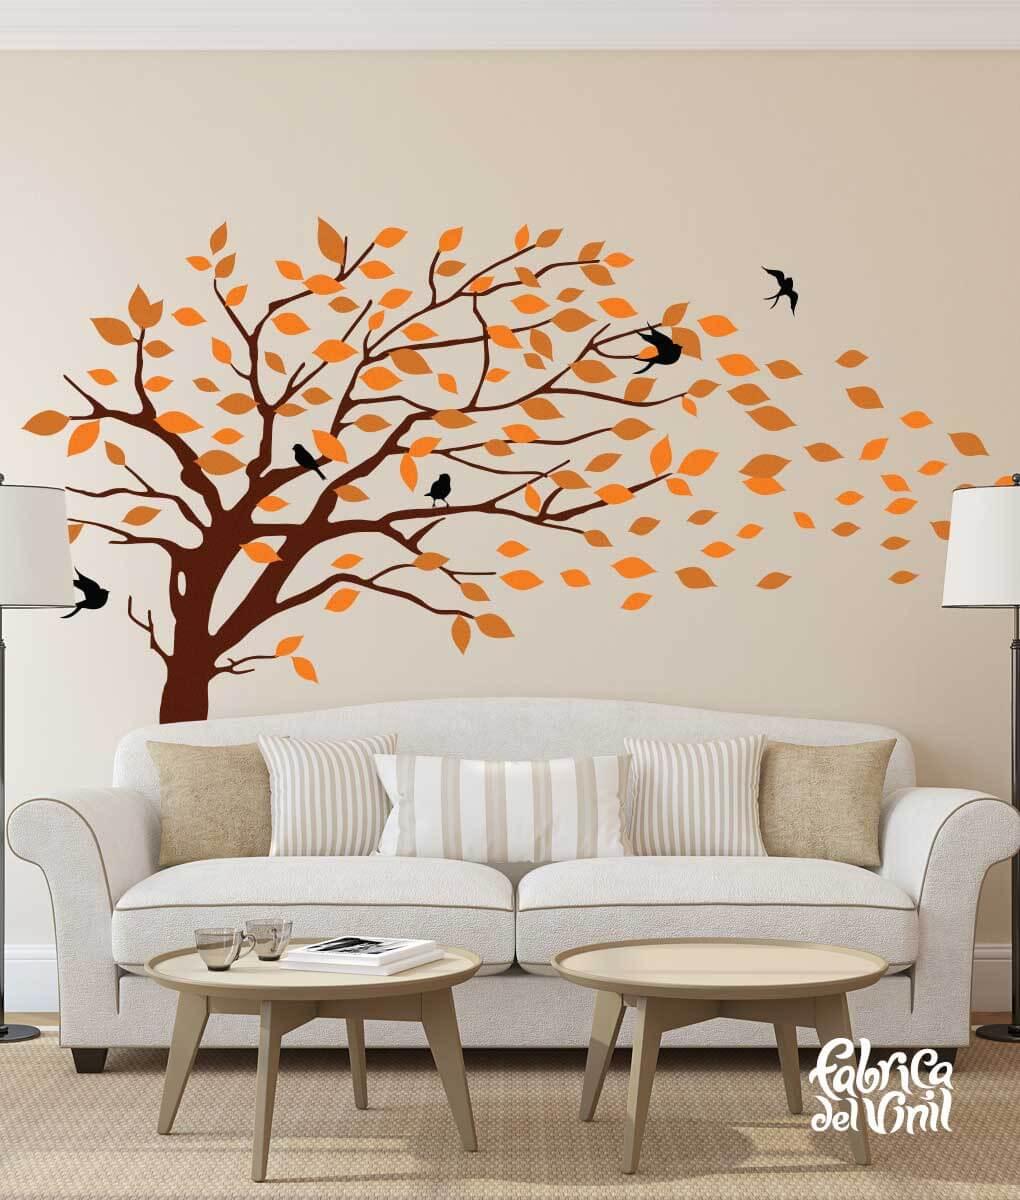 Rbol inclinado por el viento vinil decorativo wall - Fotos de vinilos decorativos ...